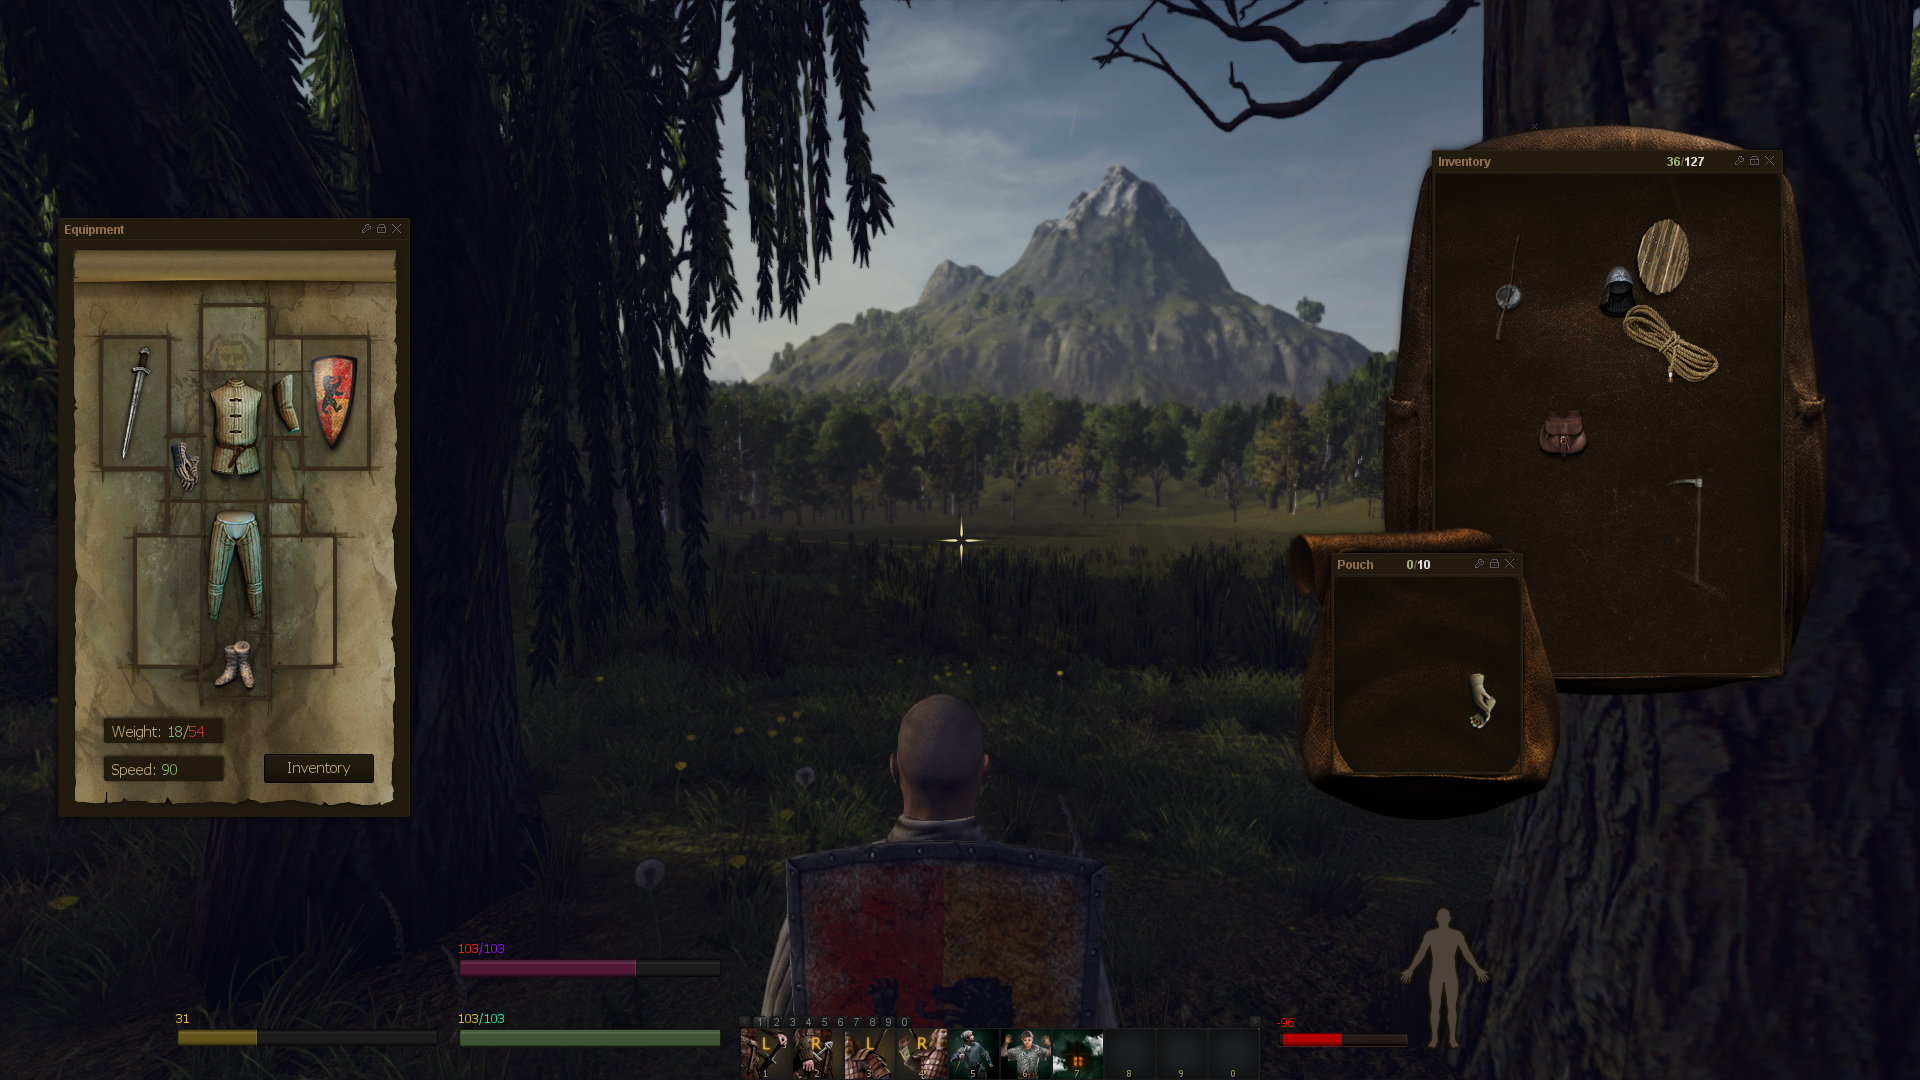 Life is feudal mmo add to steam конспект сюжетно ролевая игра больница в подготовительной группе